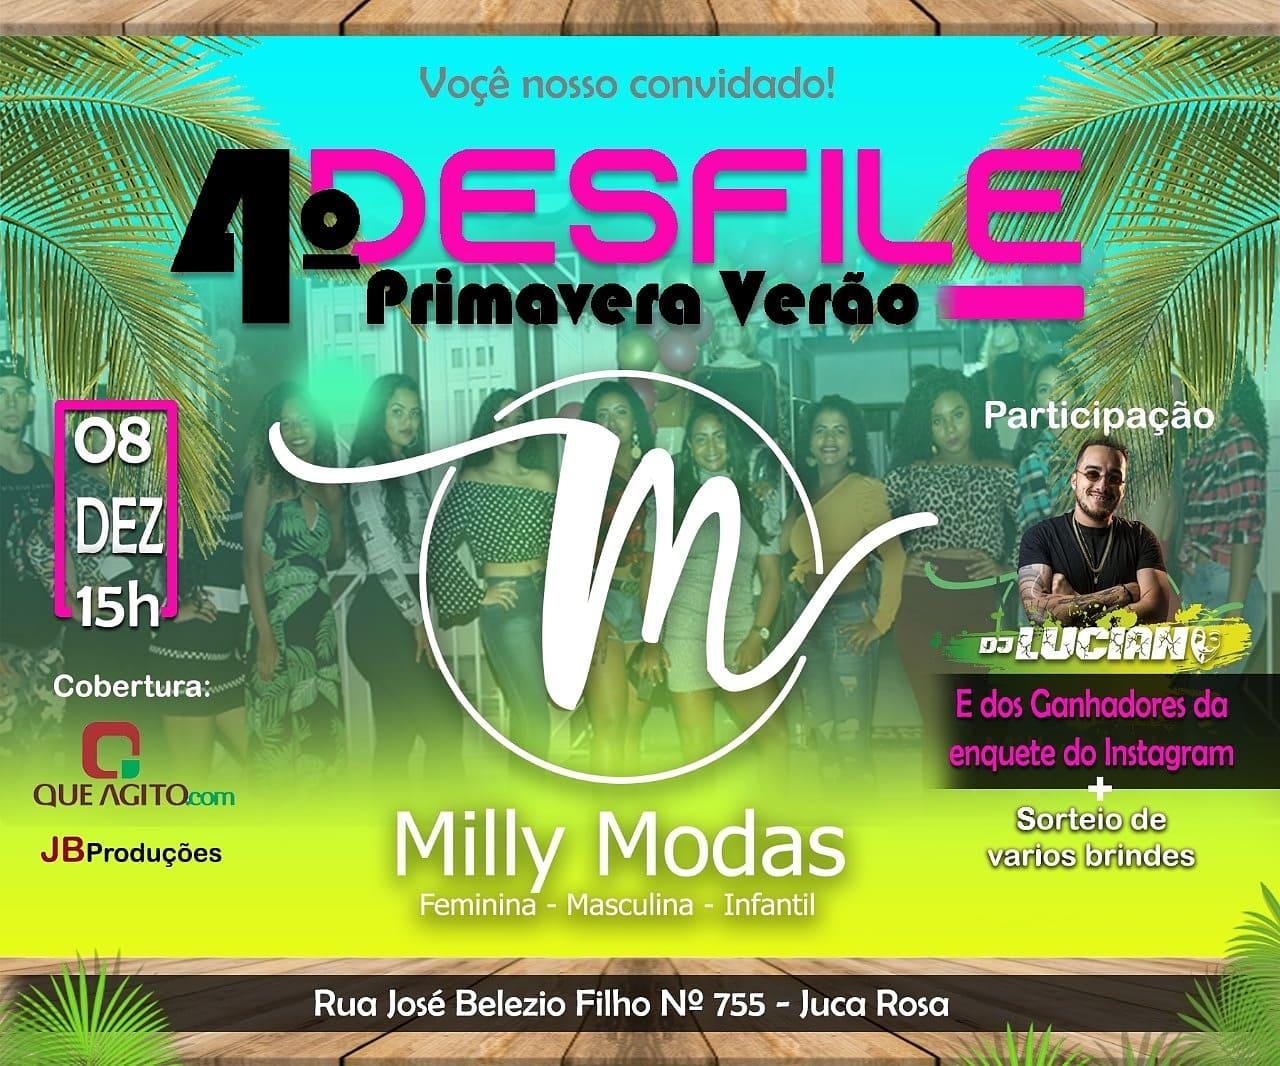 4º Desfile Primavera Verão Milly Modas - Juca Rosa - Eunápolis 1